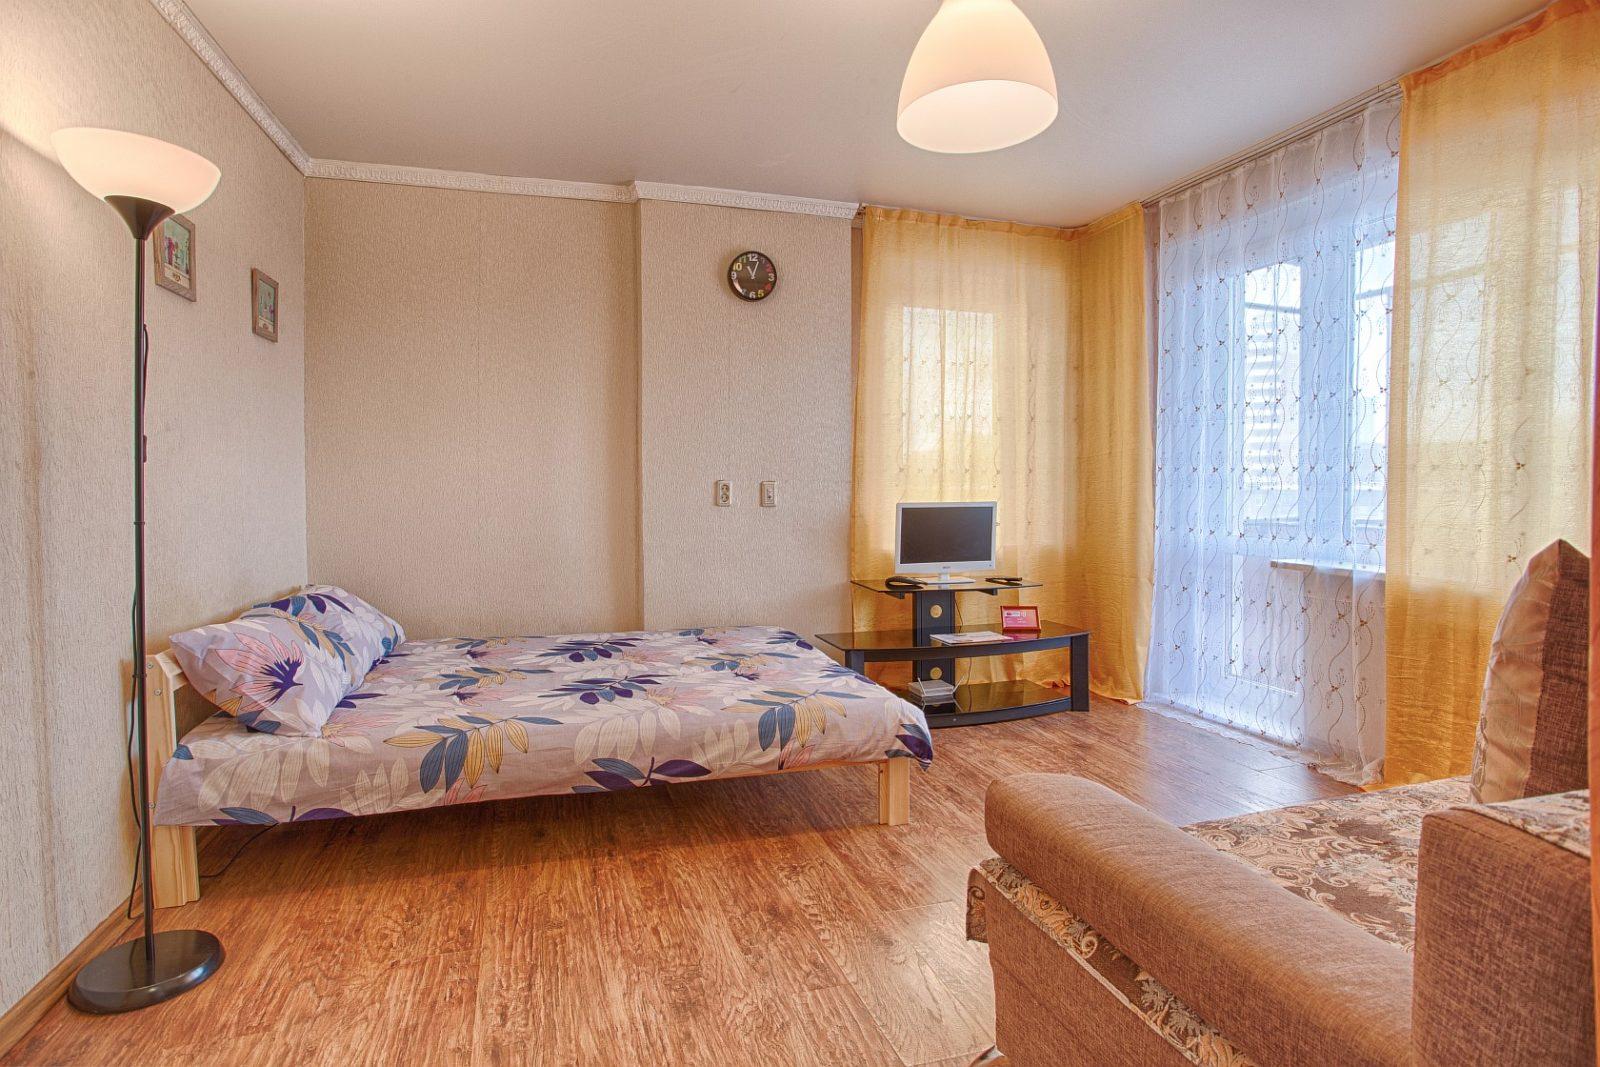 Апартаменты «9 ночей» 1к на Свердловском проспекте 86